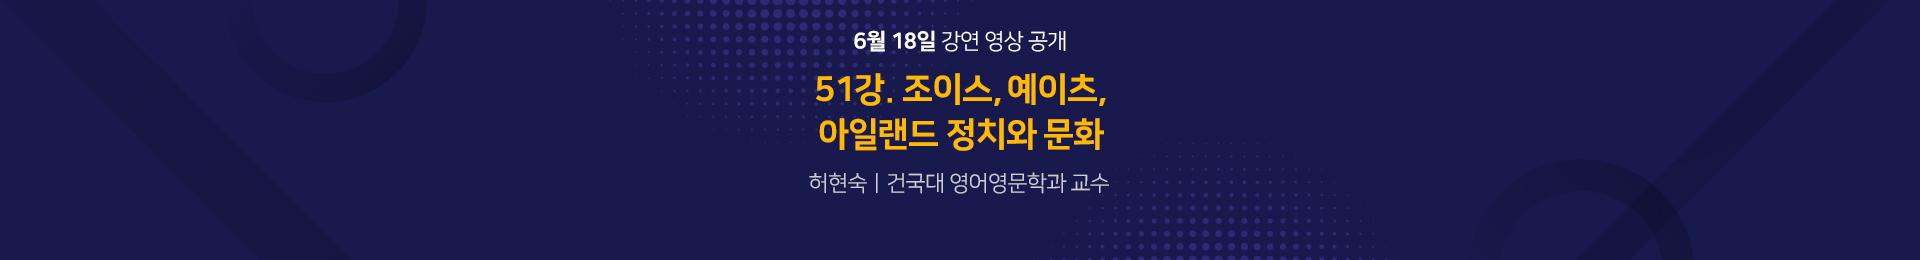 다음 강연 안내 51강 제인 오스틴의 소설들